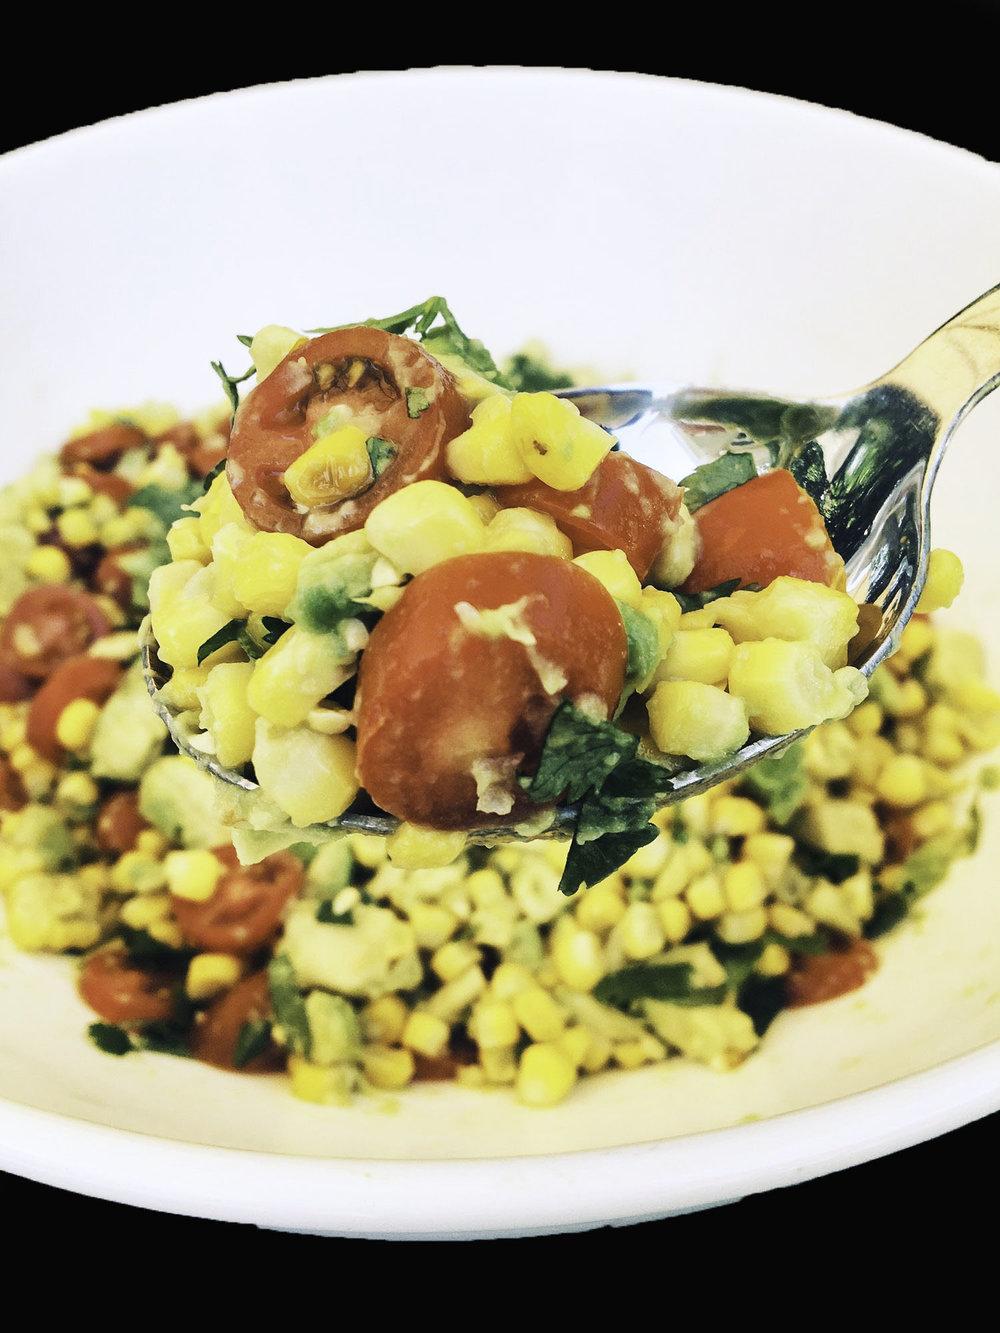 summer+corn+salad+fashionablefoodieny.jpg